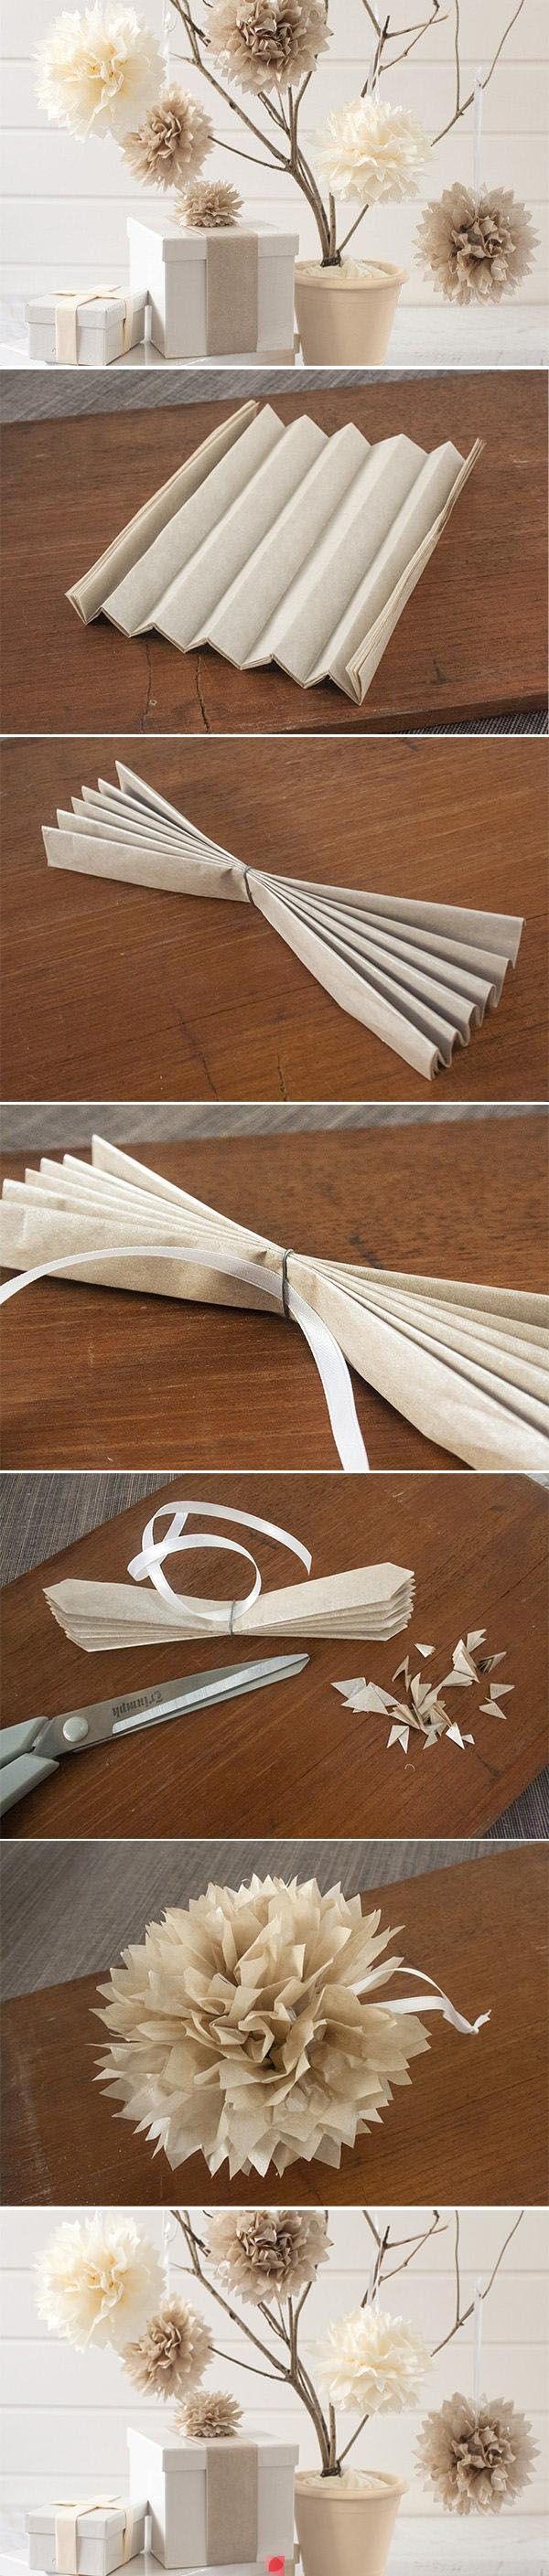 bolas de papel